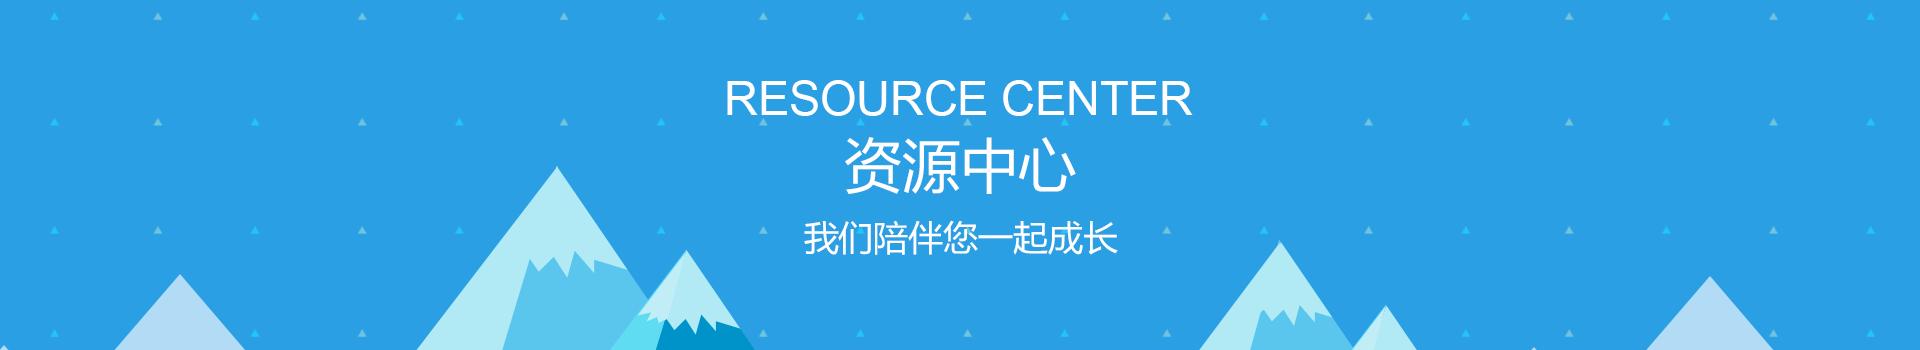 圆心科技-资源中心